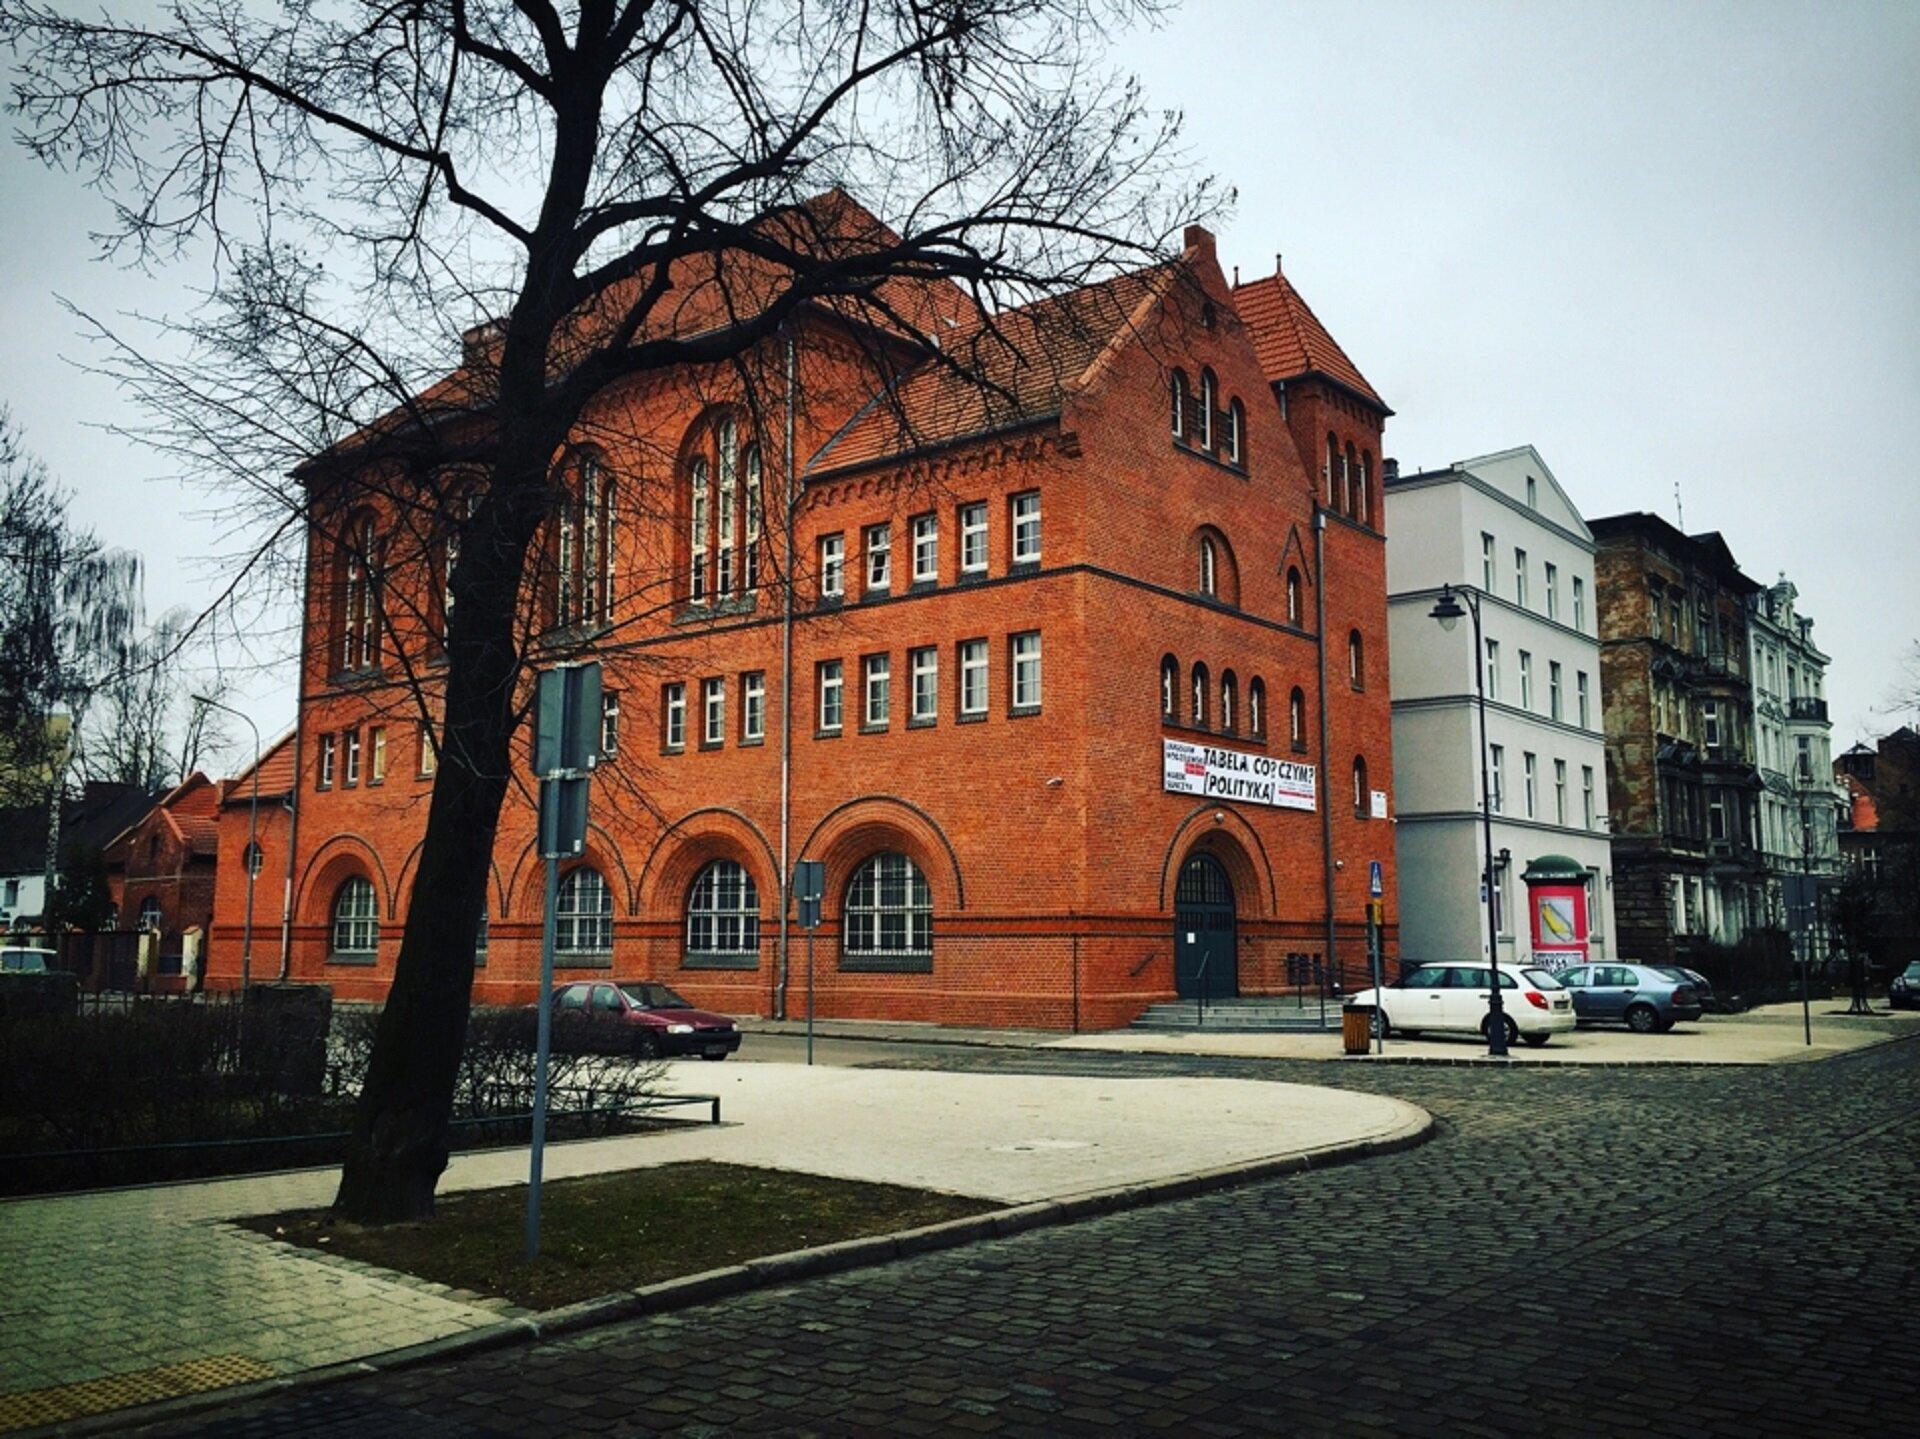 Ilustracja przedstawia CSW Łaźnię wGdańsku - widok zzewnątrz. Budynek jest wykonany zczerwonej cegły. Ma on dwuspadowy dach. Jest zbudowany zkilku kondygnacji. Okna znajdujące na ścianach różnią się od siebie. Część znich jest klasycznymi prostokątnymi oknami, druga część okien jest dużo większa izwieńczona półkolem przy górnej części. Do budowli przylegają inne budynki.